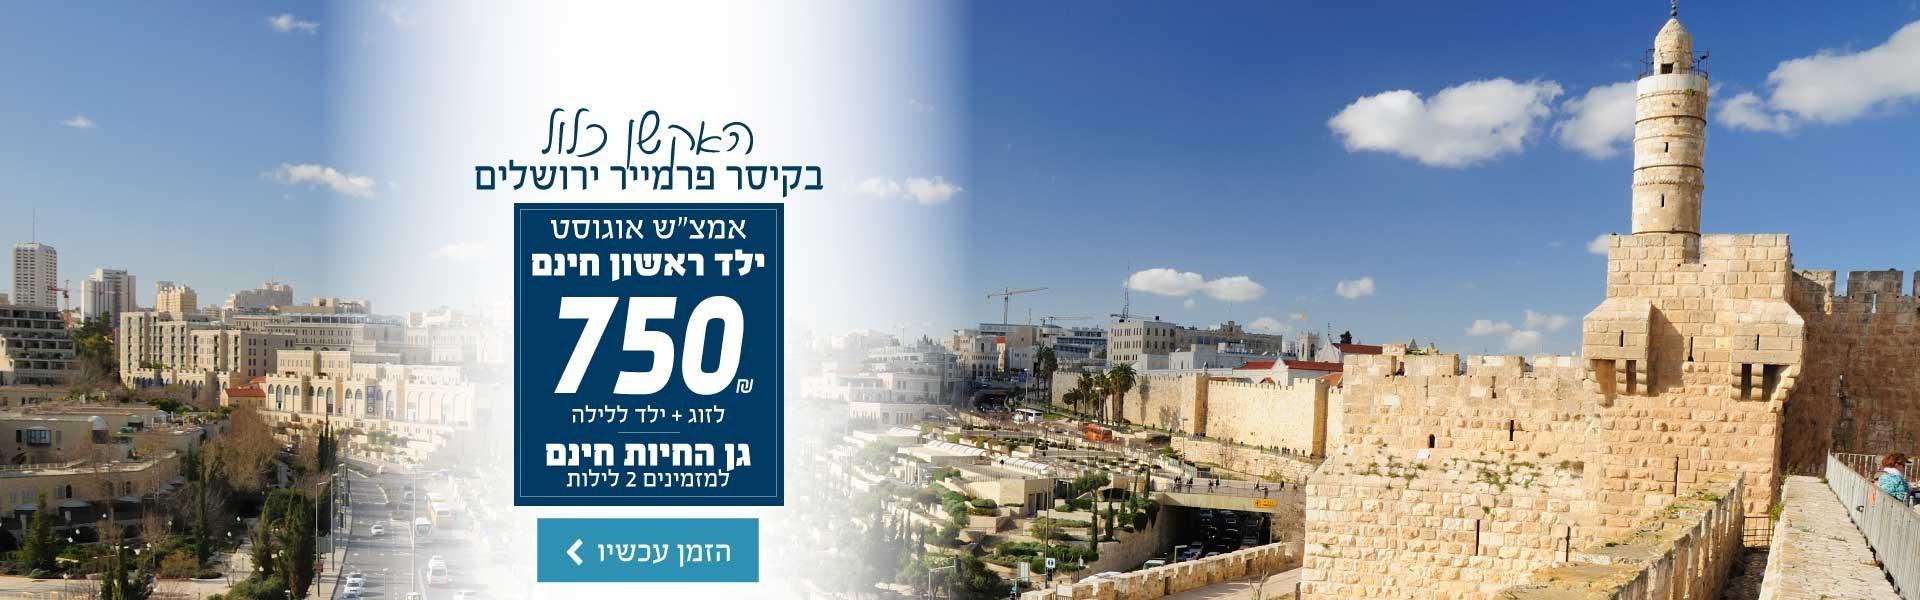 ירושלים גן חיות